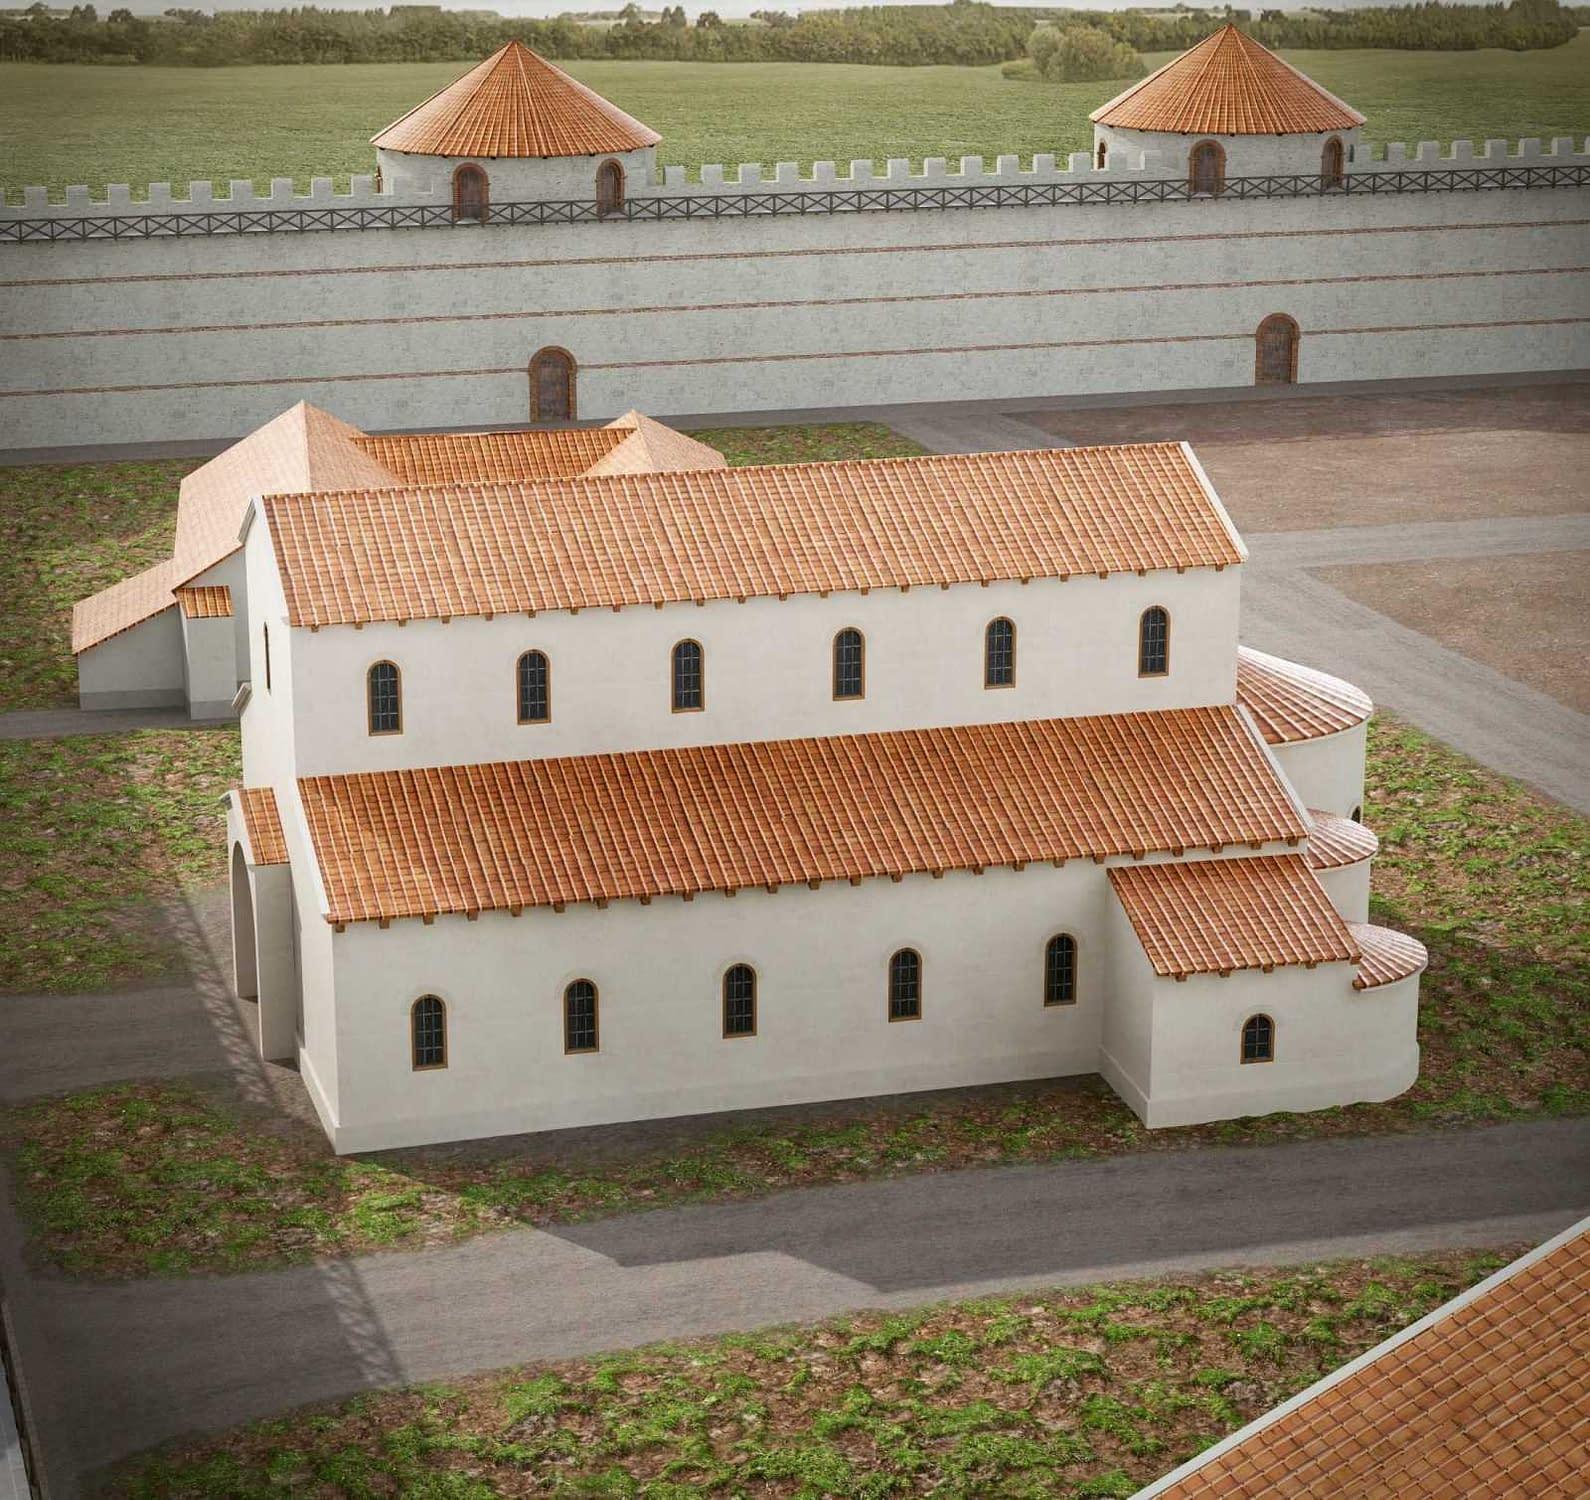 Lakóépület (1. fázis); kora keresztény bazilika (2.fázis?, 3. fázis)